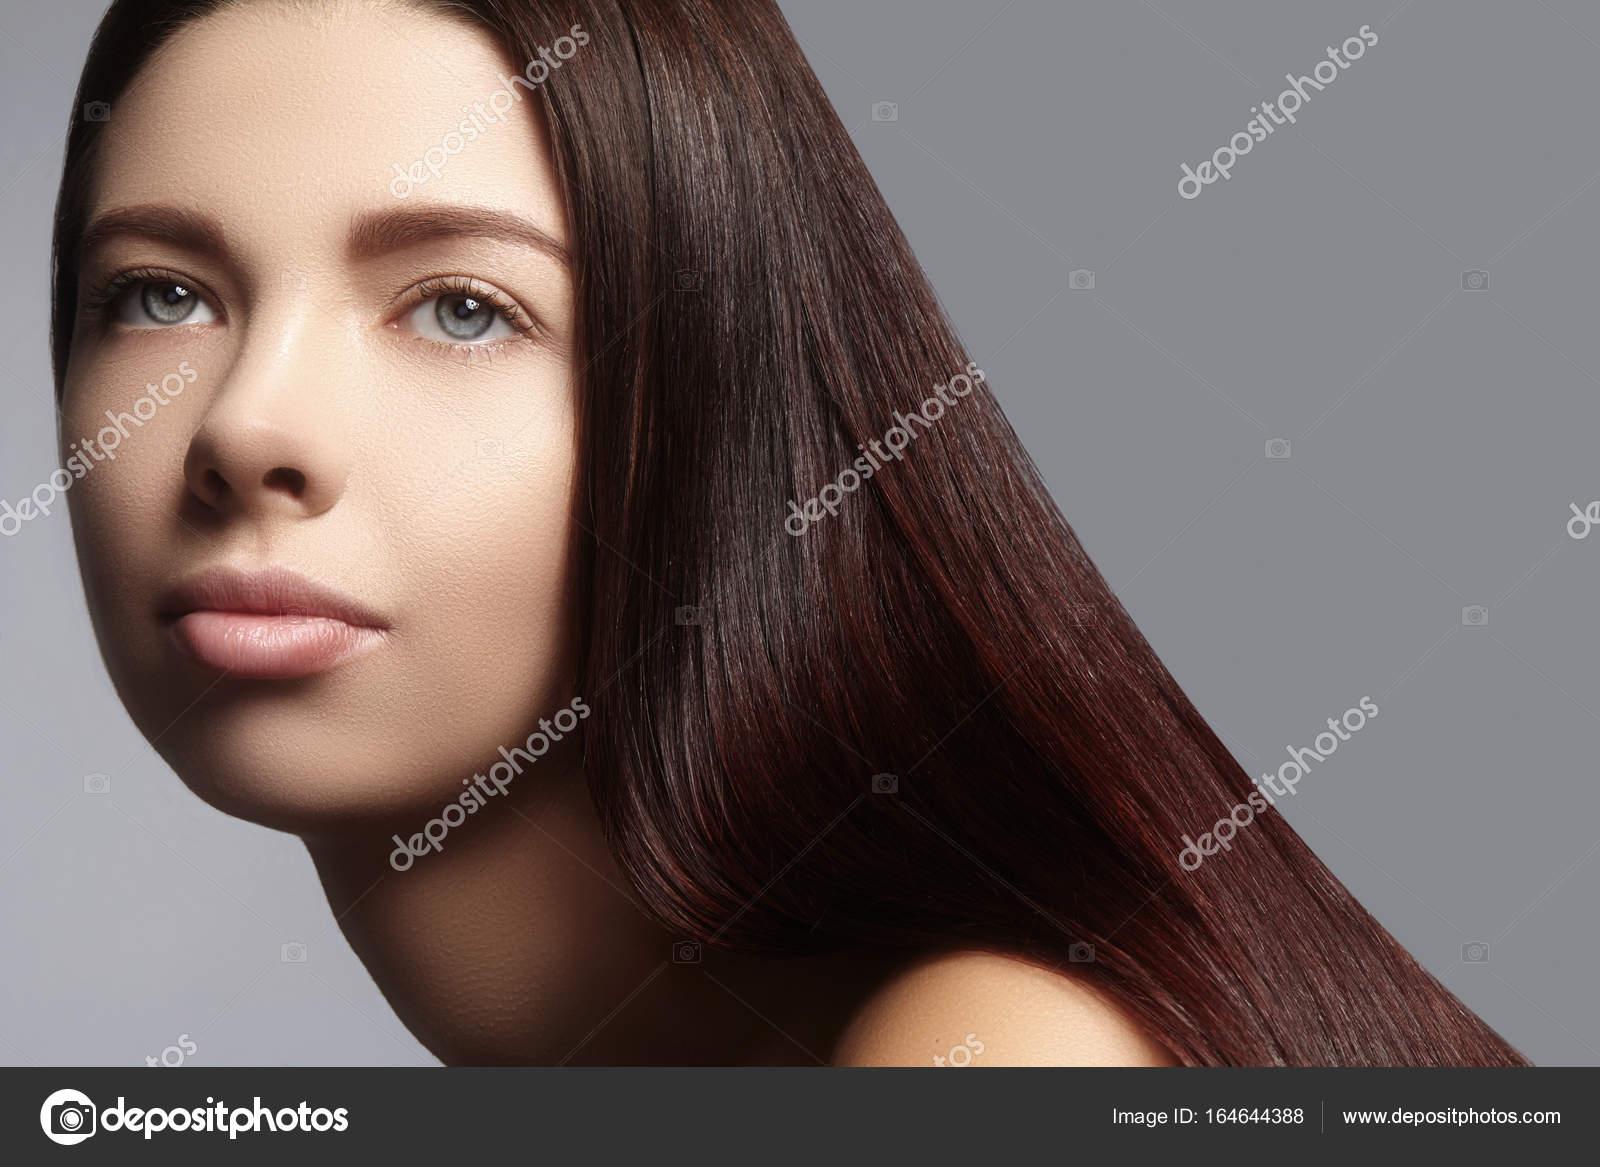 Mode Lange Haare Schöne Brünette Mädchen Gesunden Gerade Glänzende